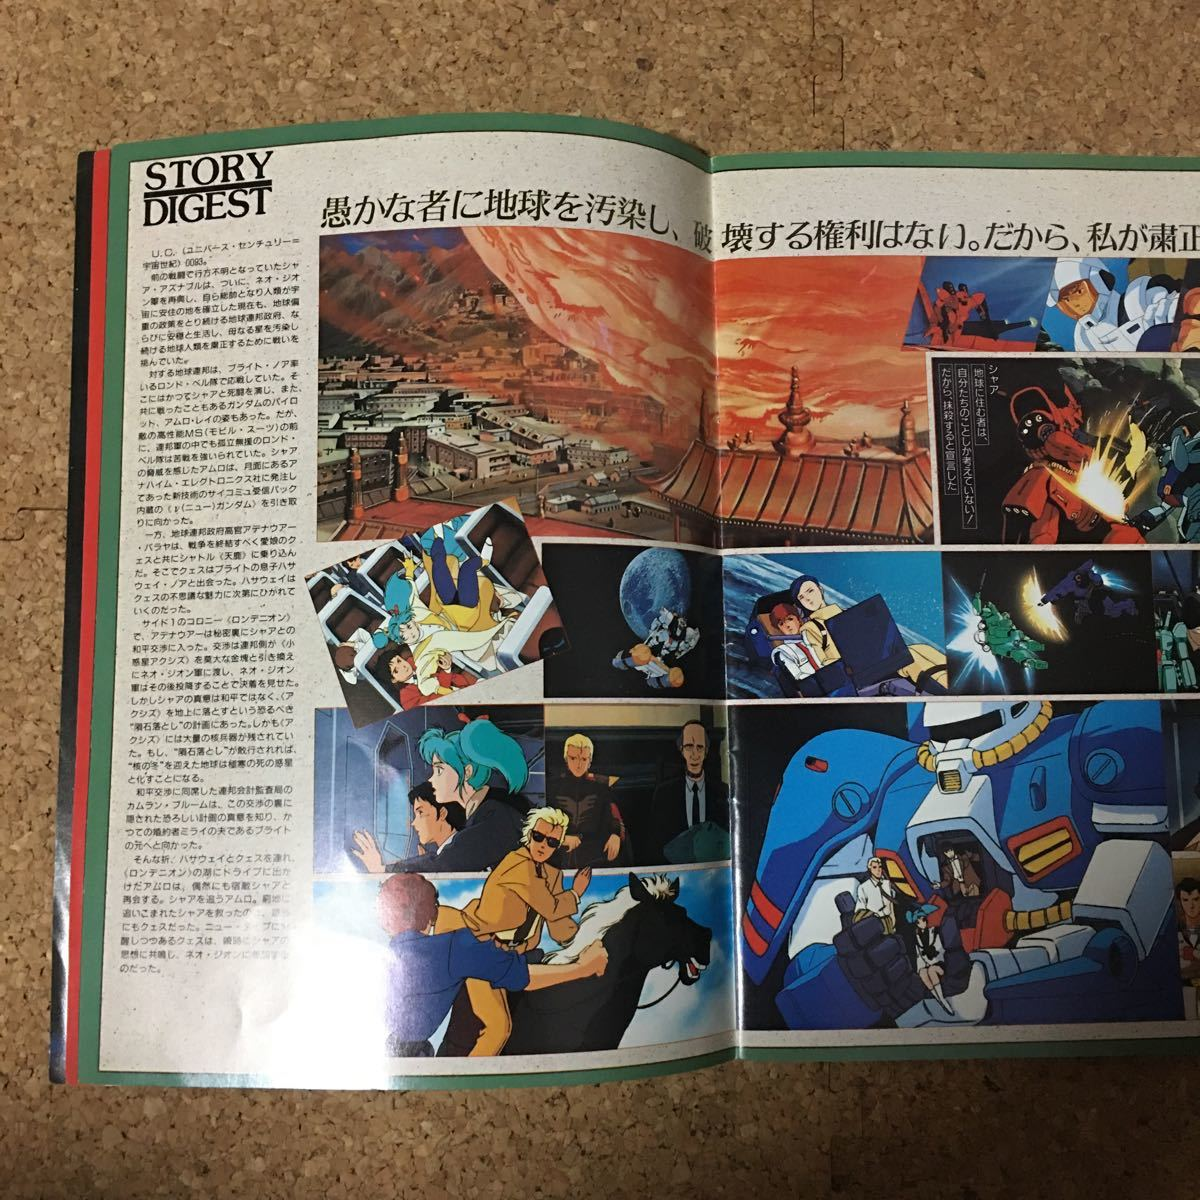 DVD 機動戦士ガンダム 逆襲のシャア 映画パンフレット 付き